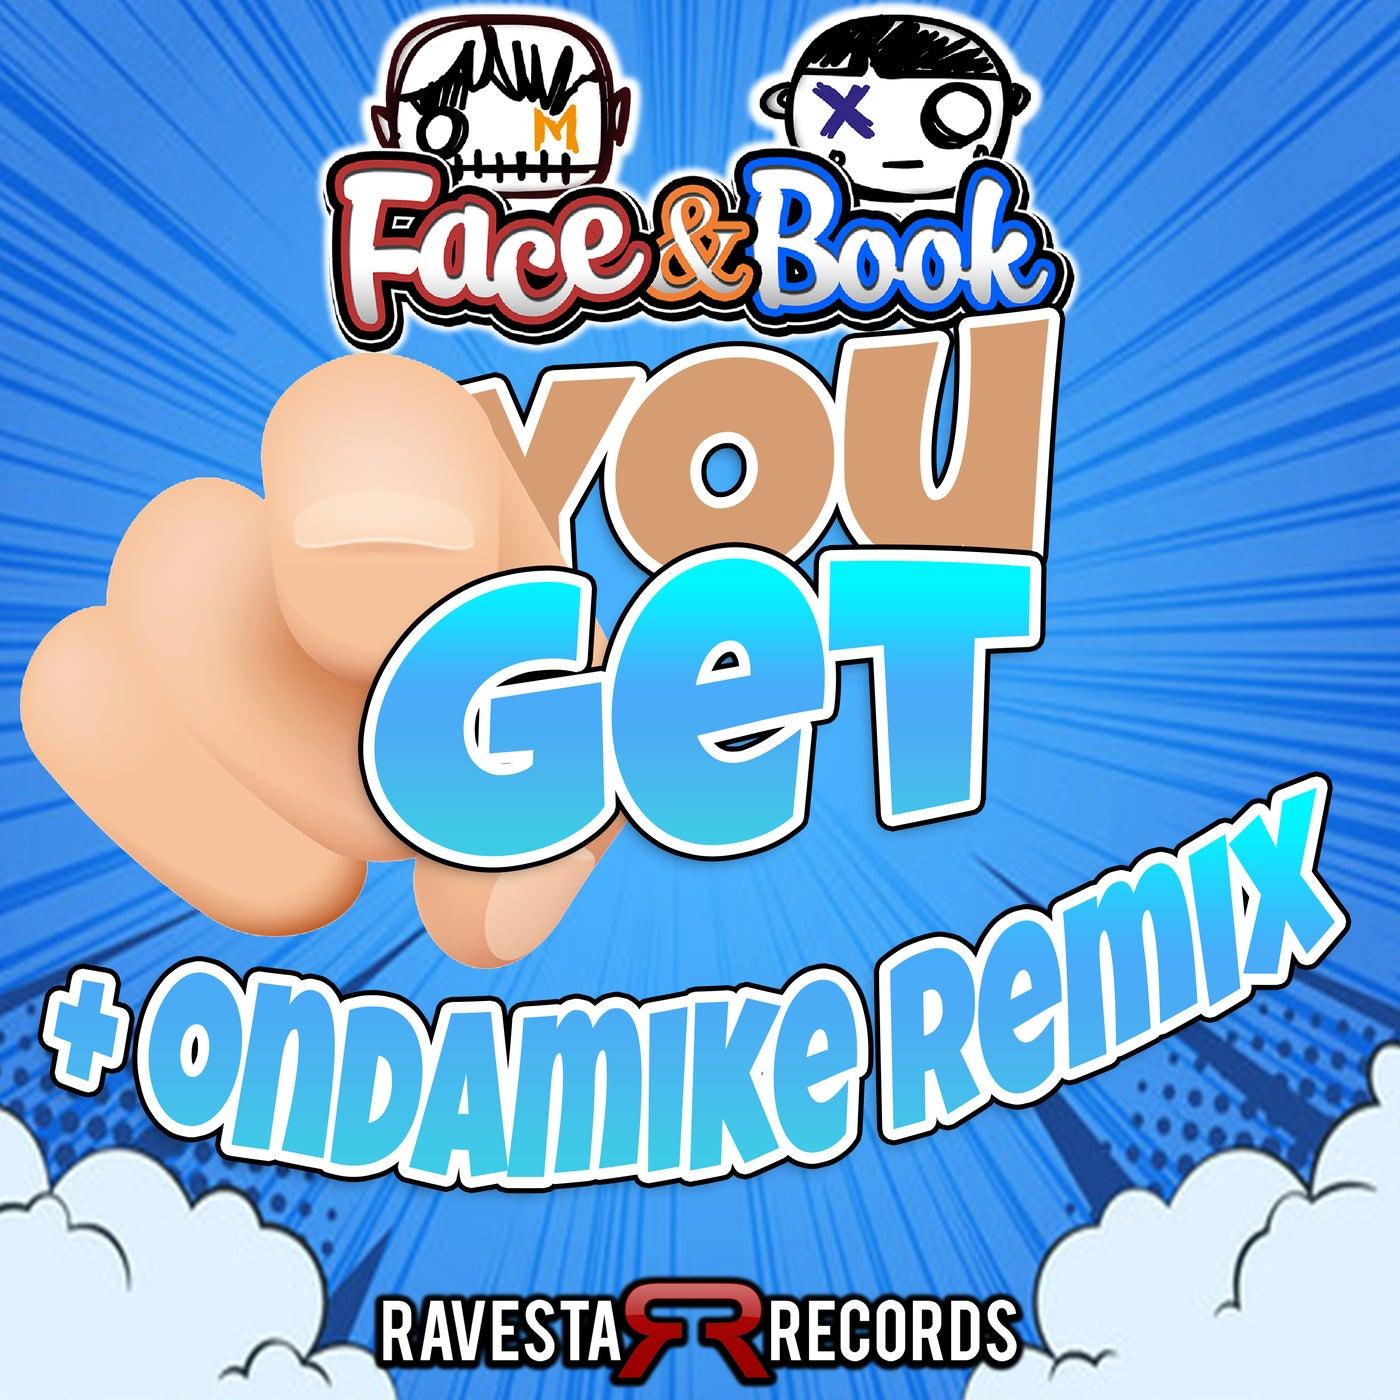 You Get! (OnDaMiKe Remix)